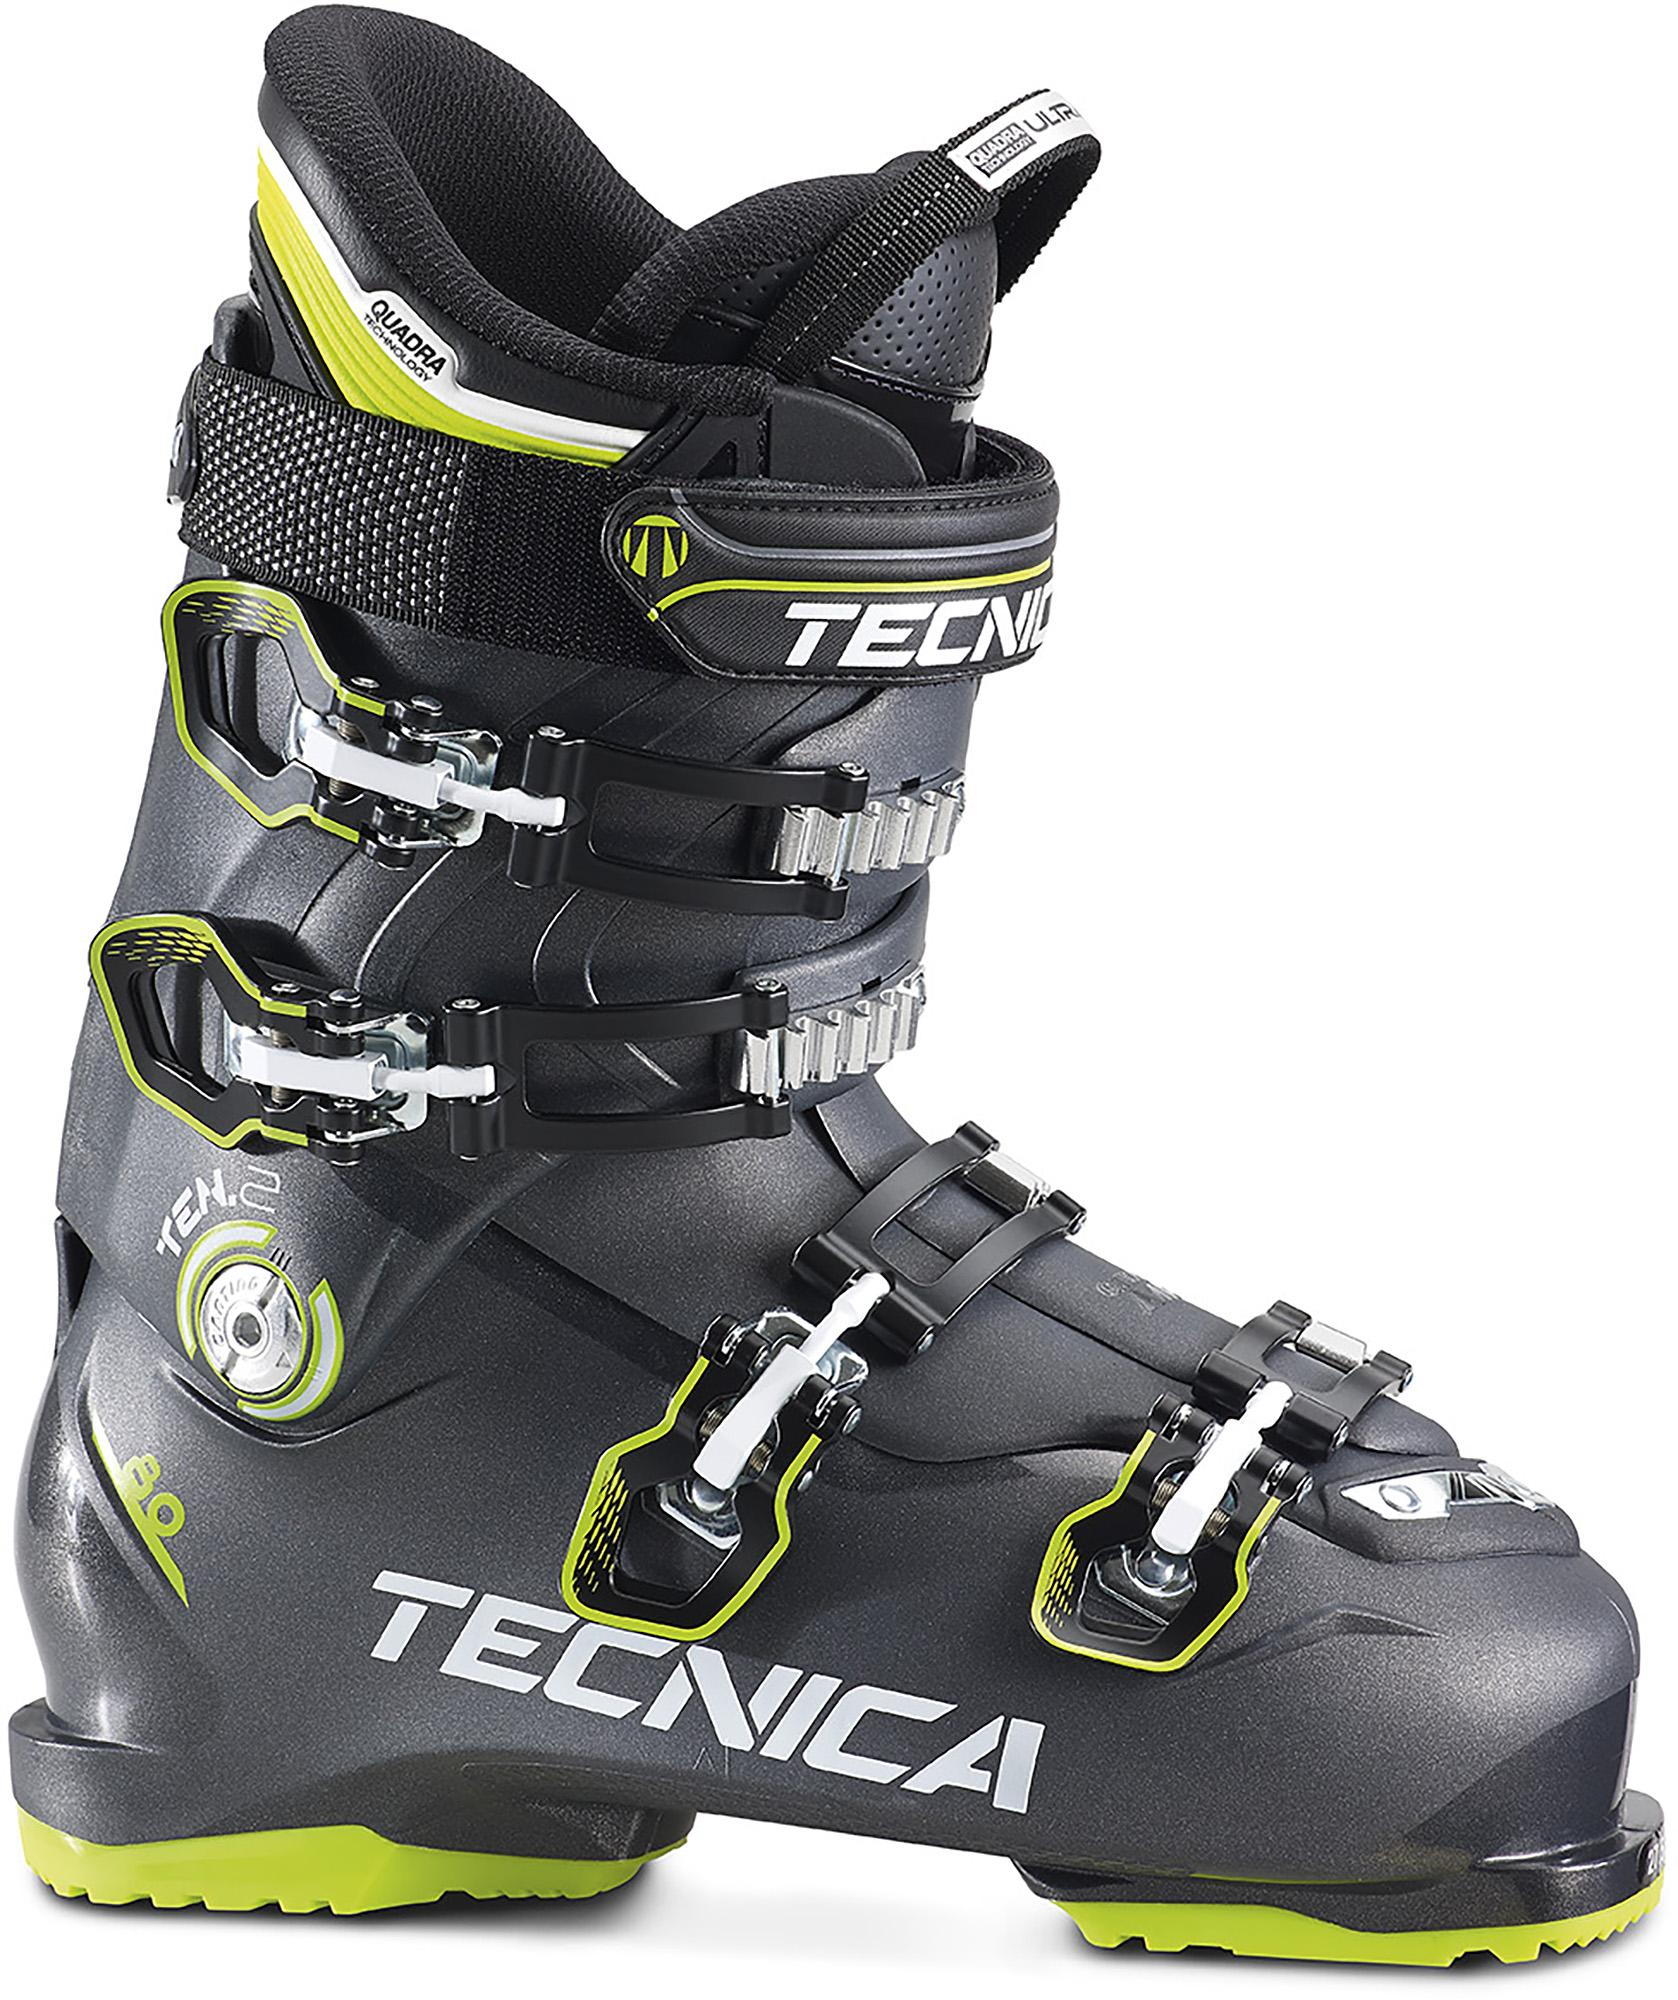 купить Tecnica Ботинки горнолыжные Tecnica TEN.2 80 HV дешево